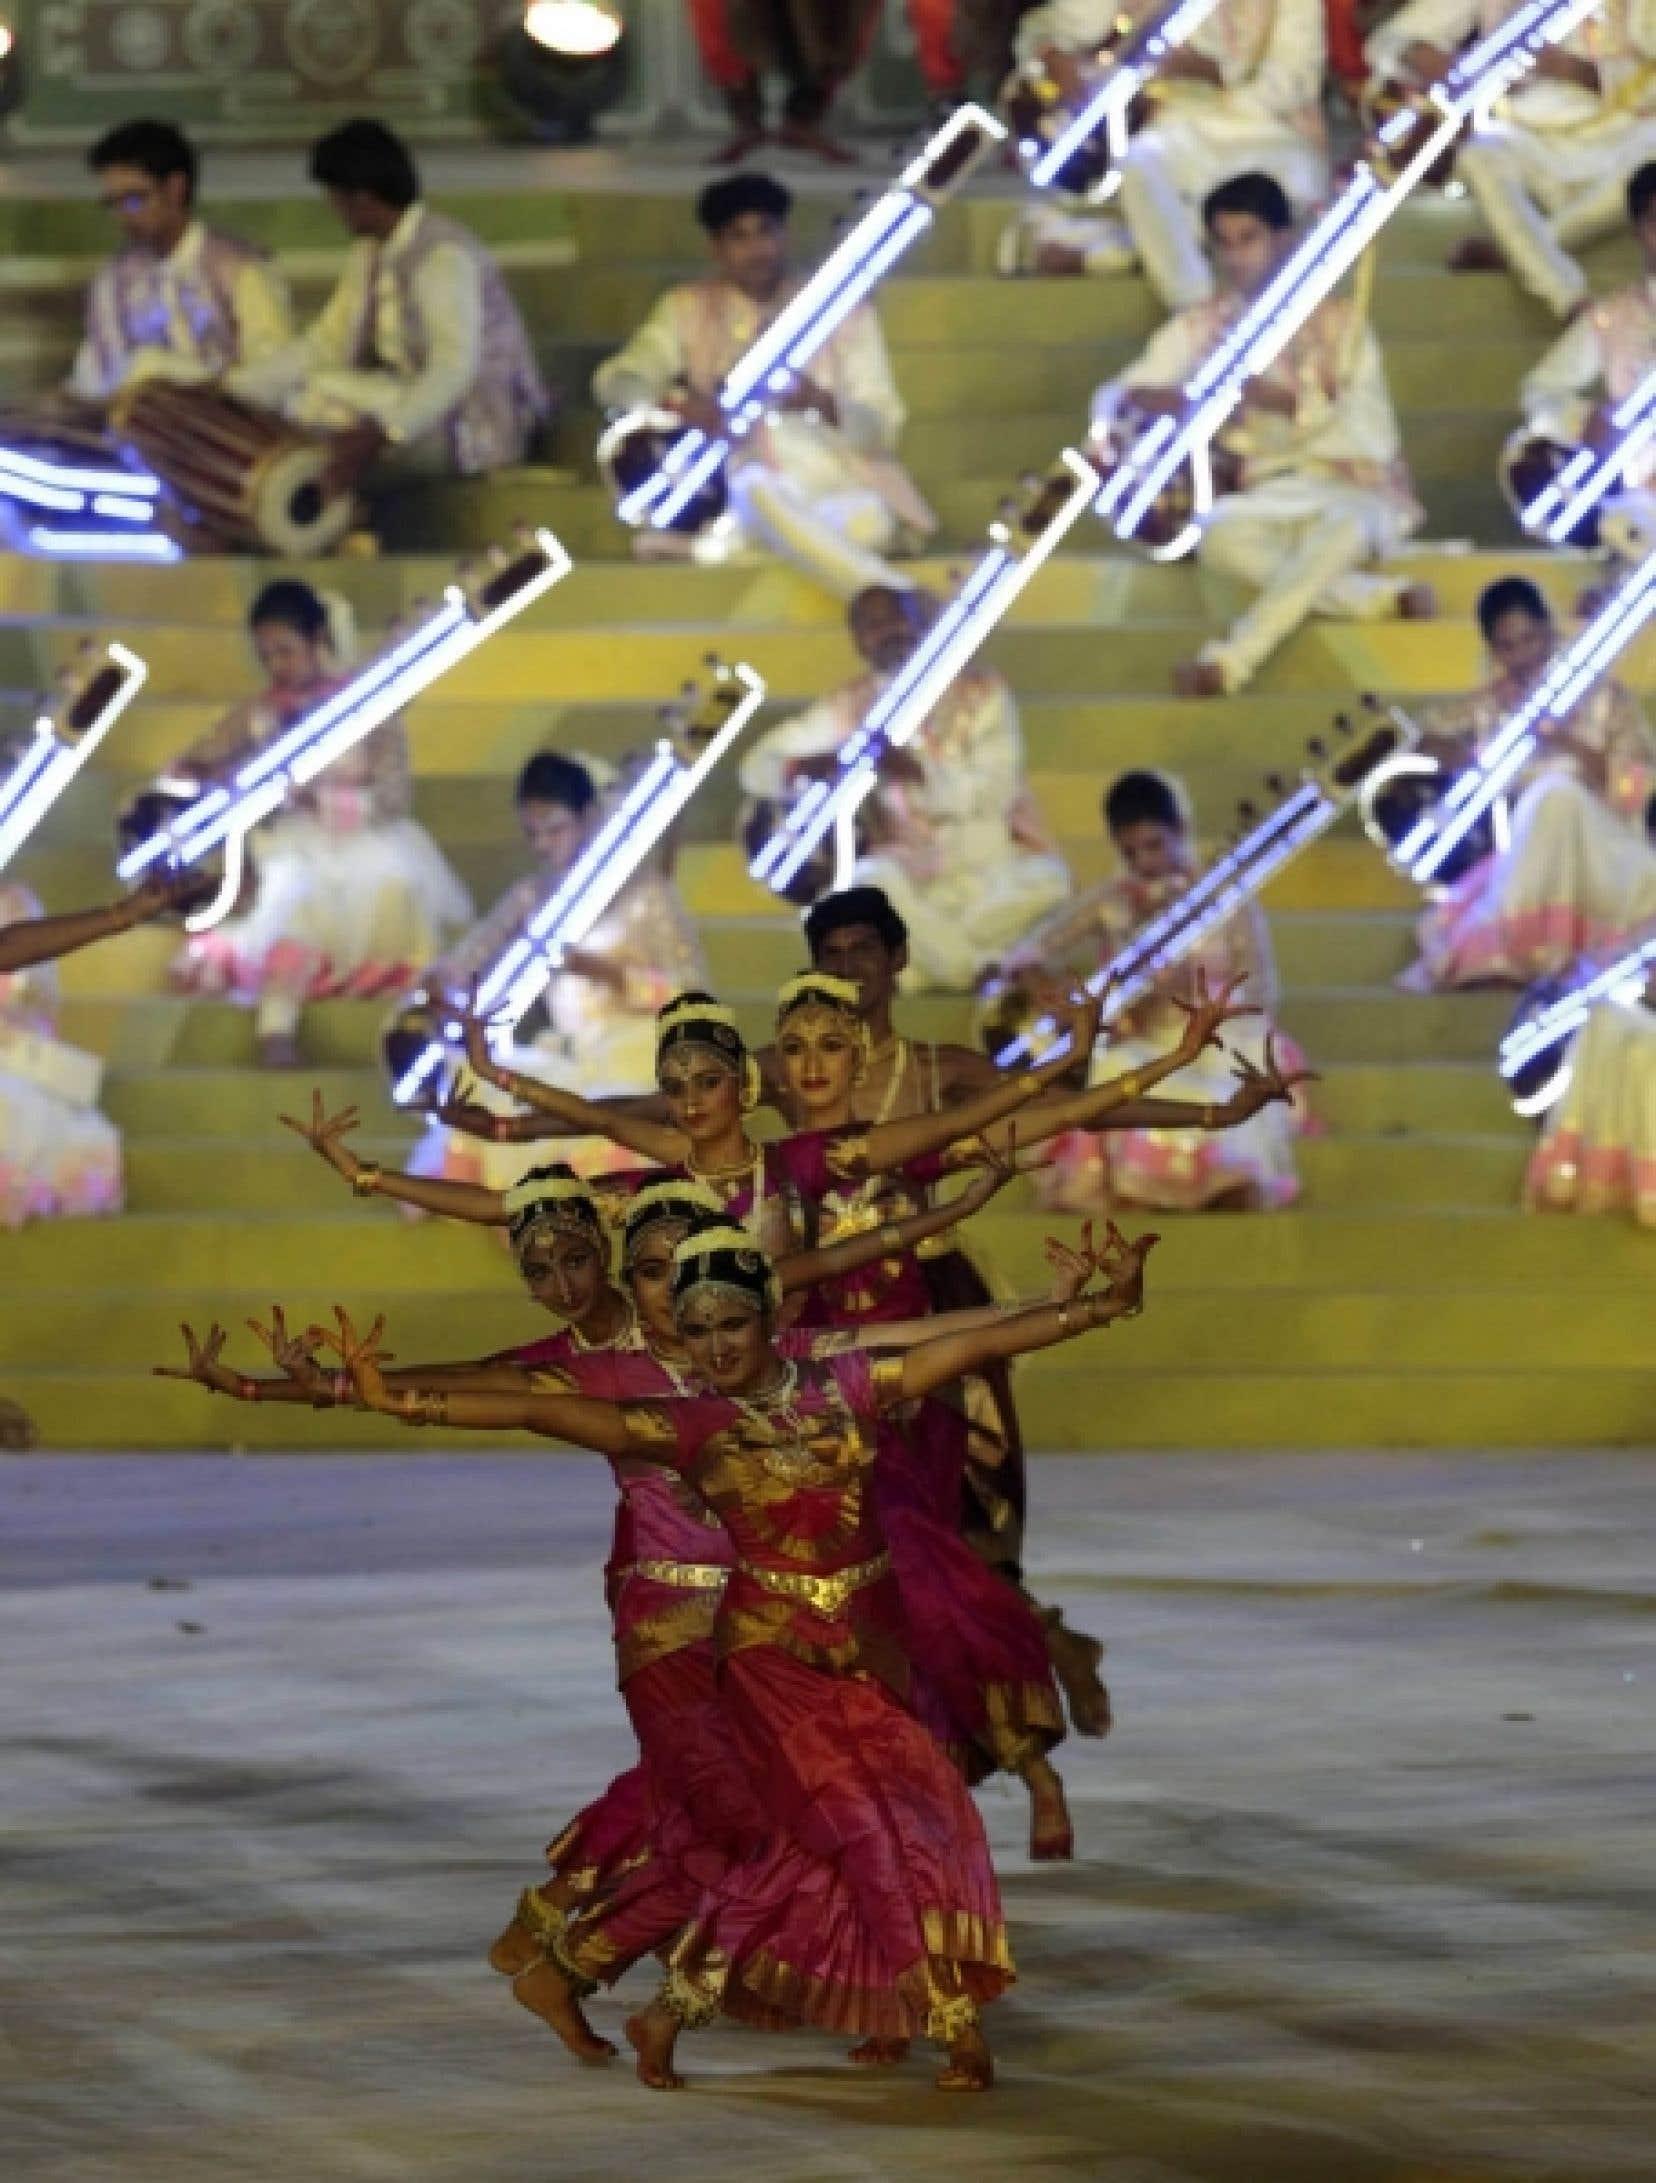 Le mégaspectacle d'ouverture des XIXes Jeux du Commonwealth a mis en valeur hier l'extraordinaire richesse de la culture indienne. Le stade Jawaharlal Nehru de New Delhi, rénové, a fait salle comble.<br />